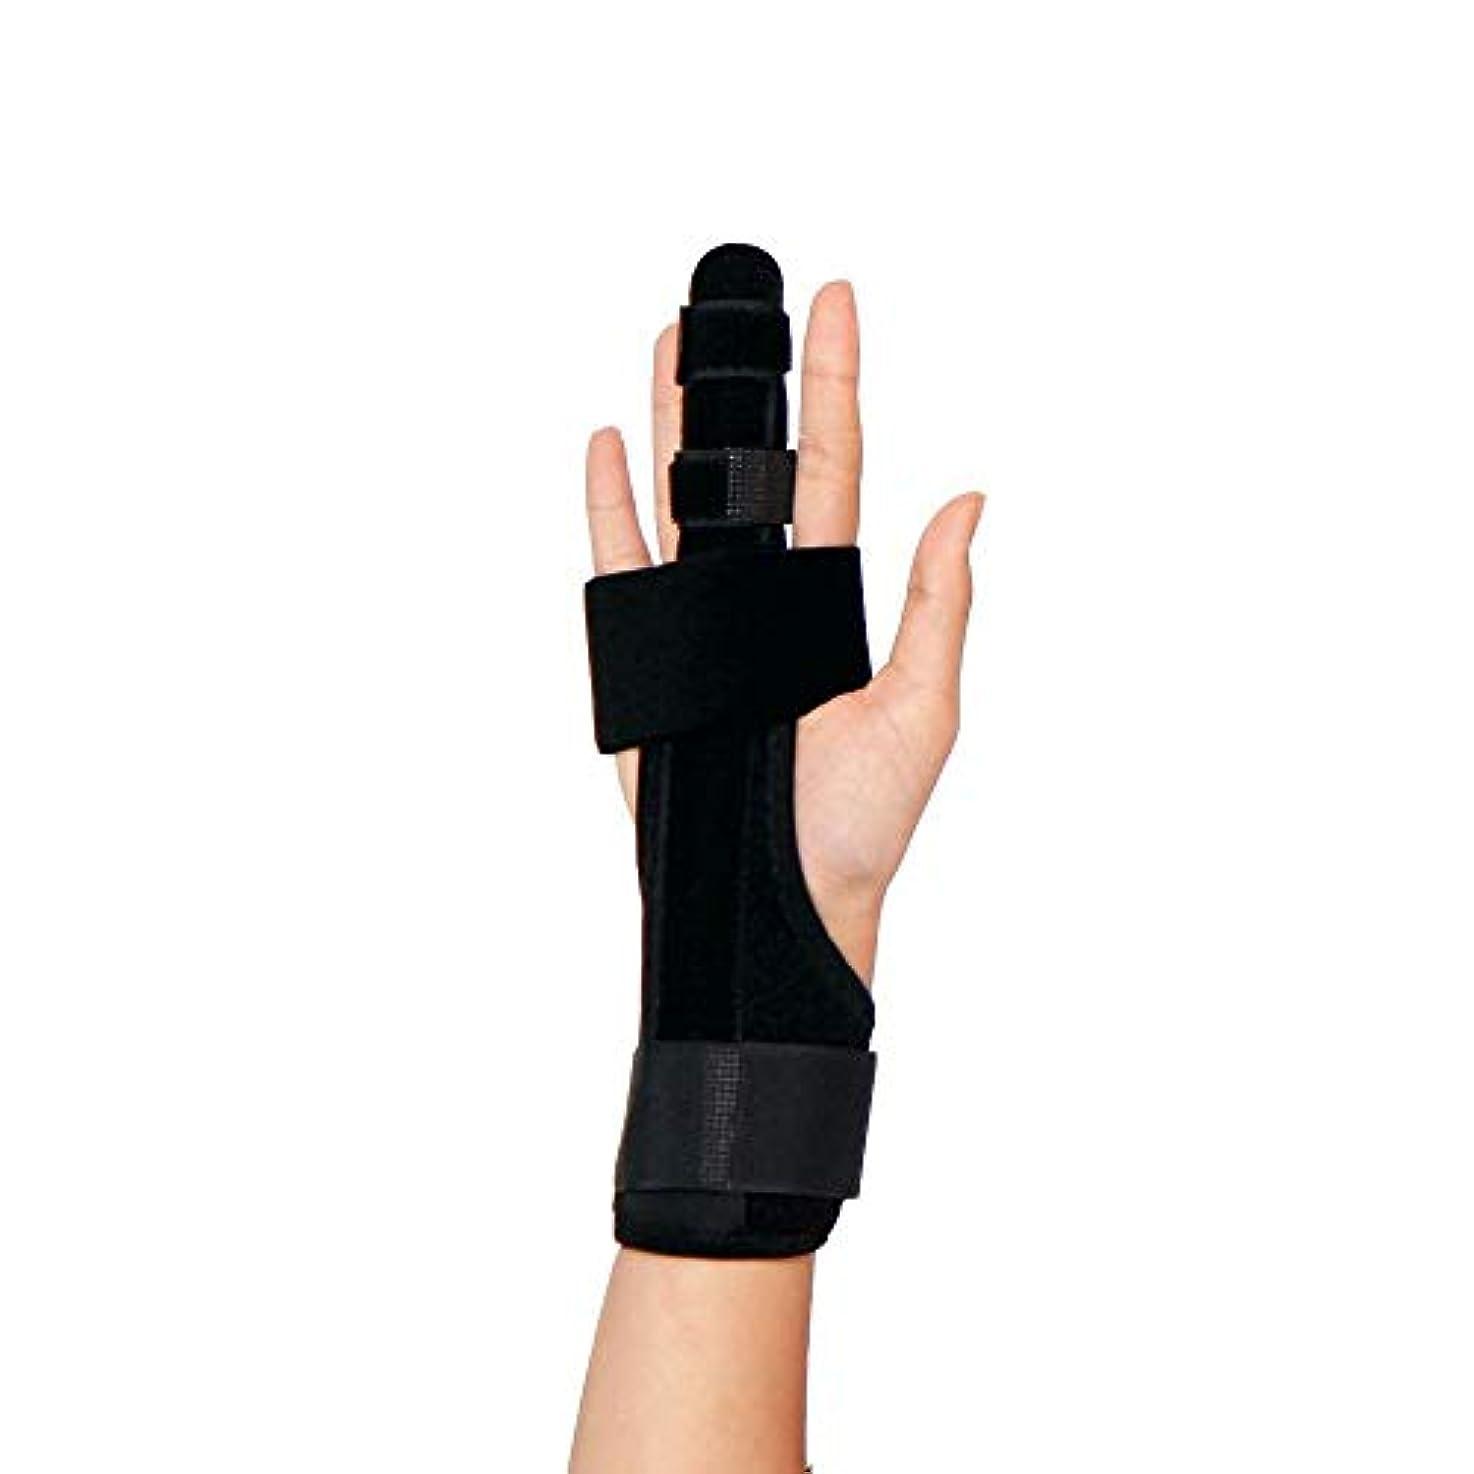 九公式何十人もトリガーフィンガースプリントフィンガーブレース、折れた指用の快適なフィンガースプリント、曲がったマレットまたは関節炎の指関節用の調整可能なプロテクター